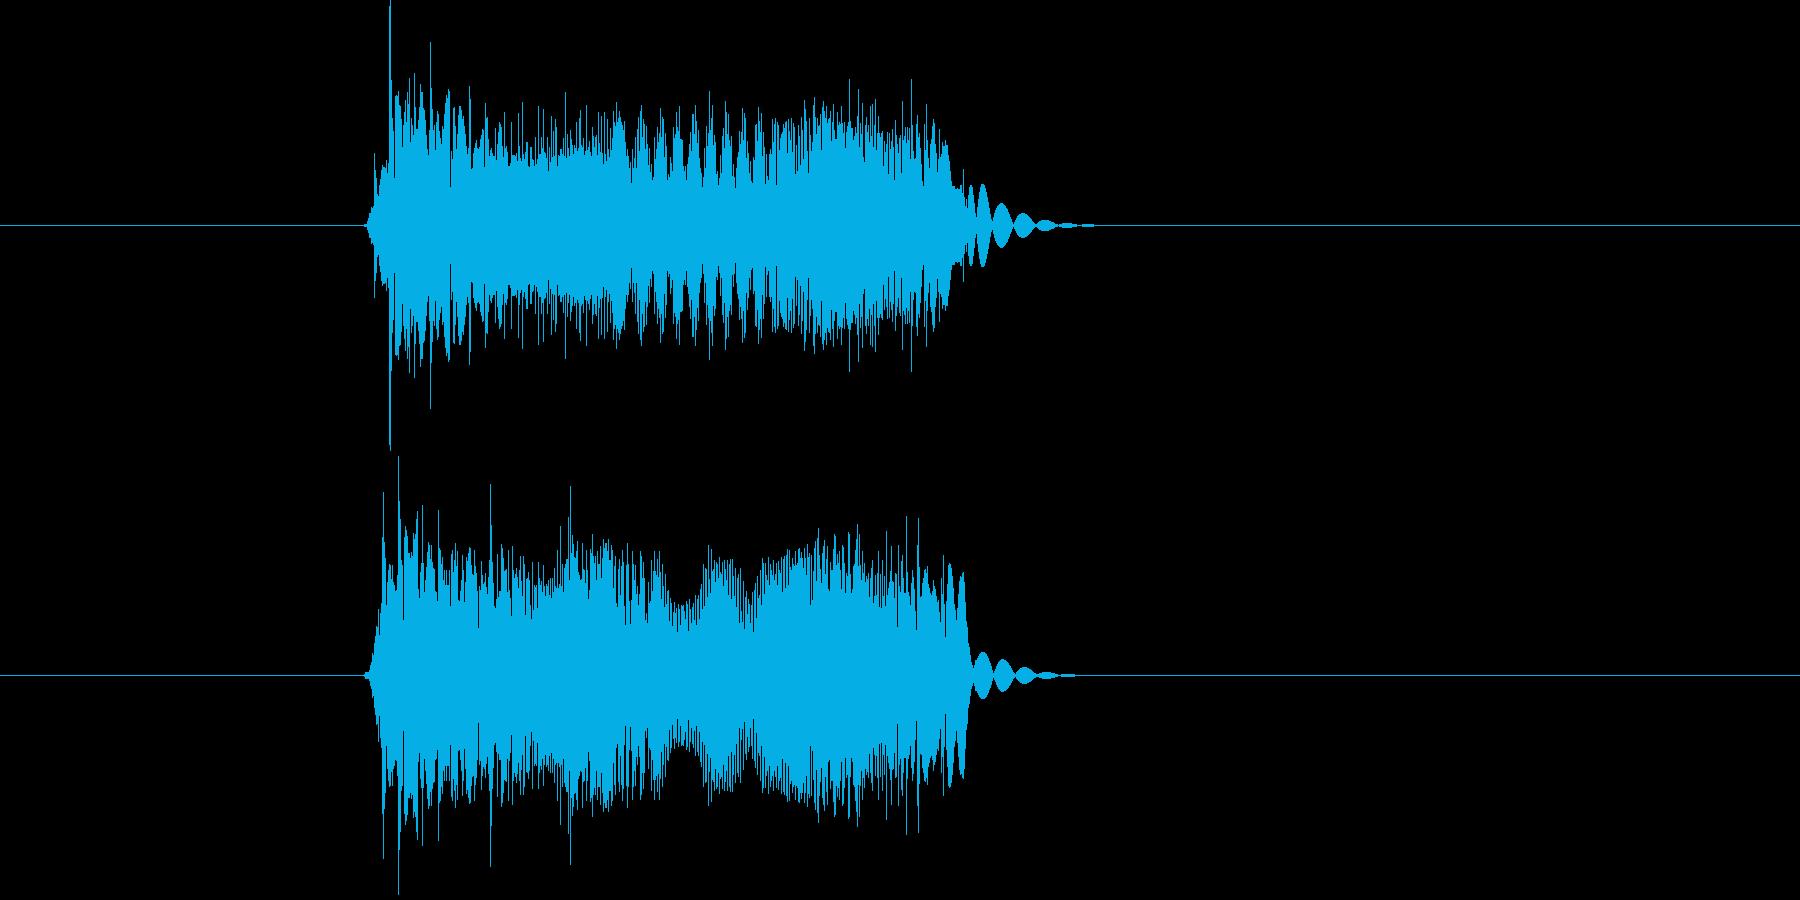 チューインチュ(敵に攻撃されるような音)の再生済みの波形